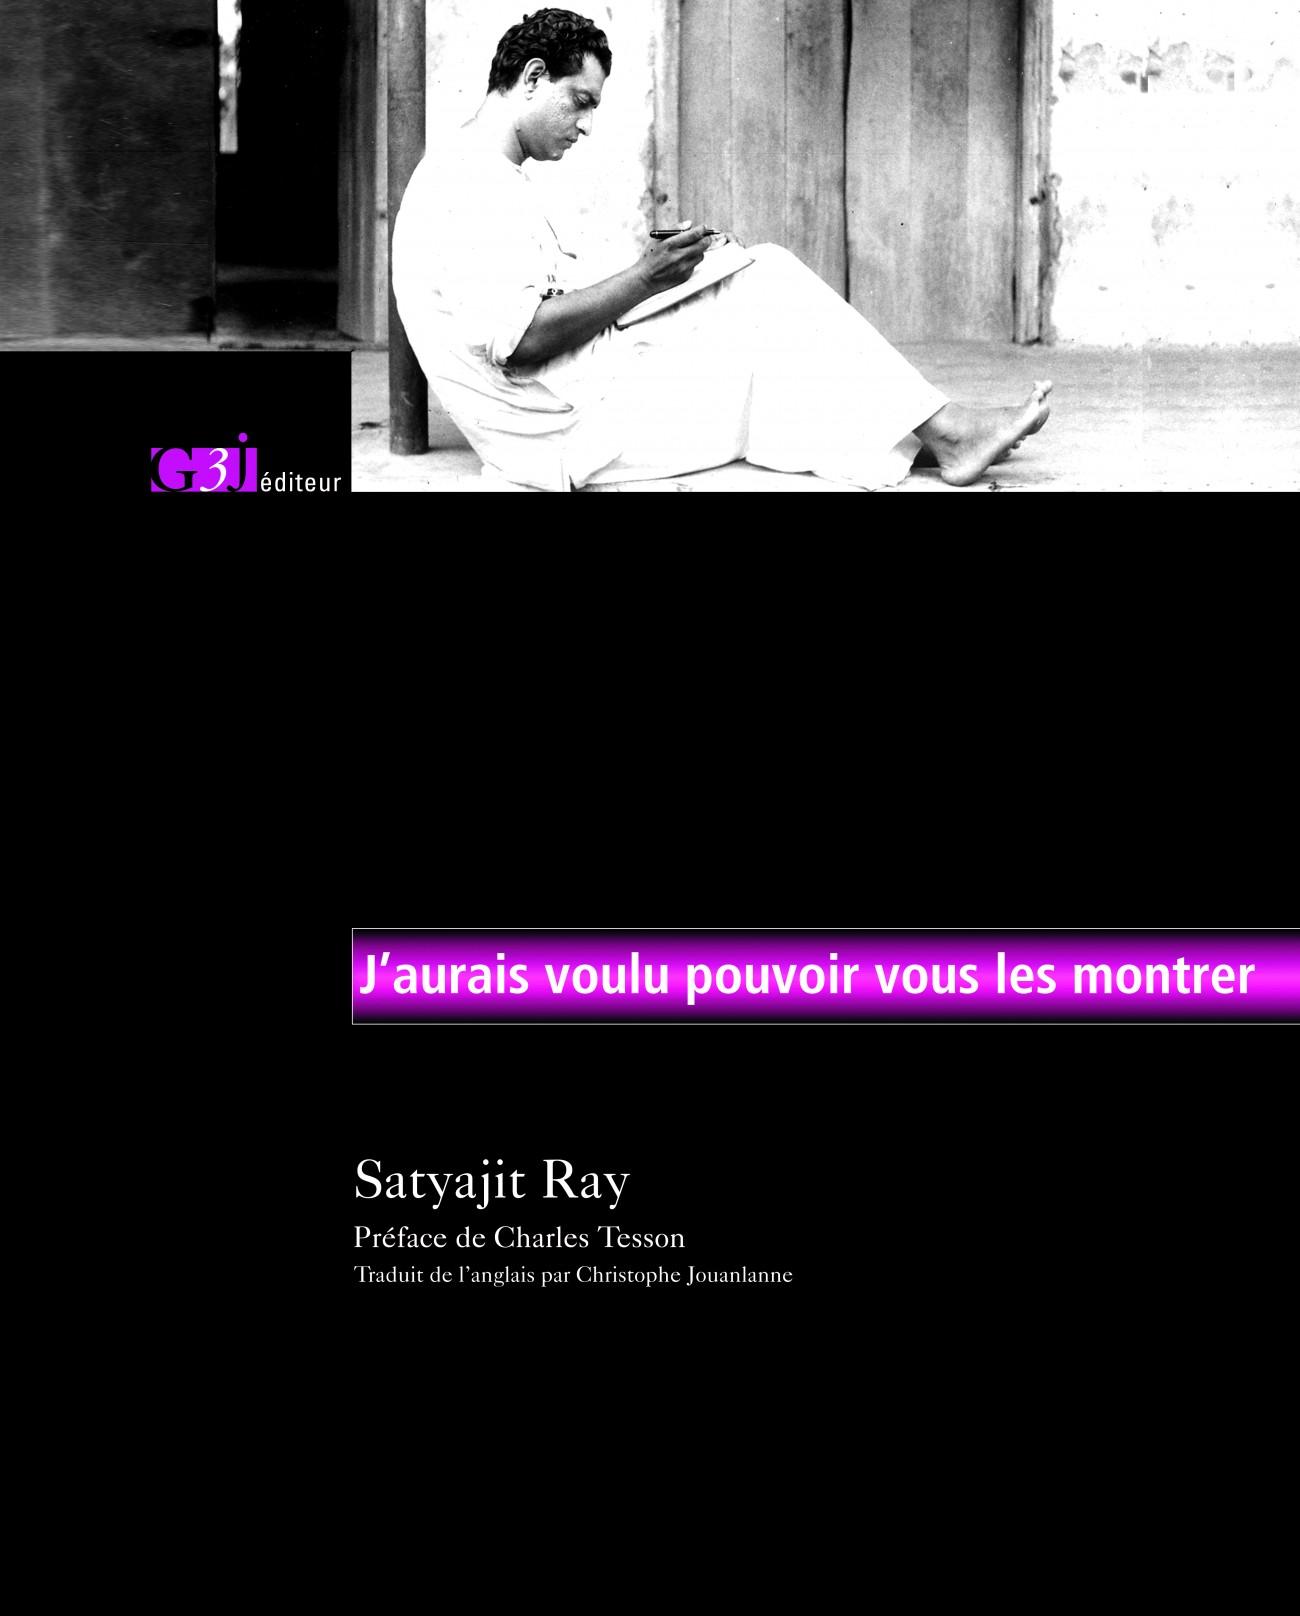 Couverture Satyajit Ray_2016